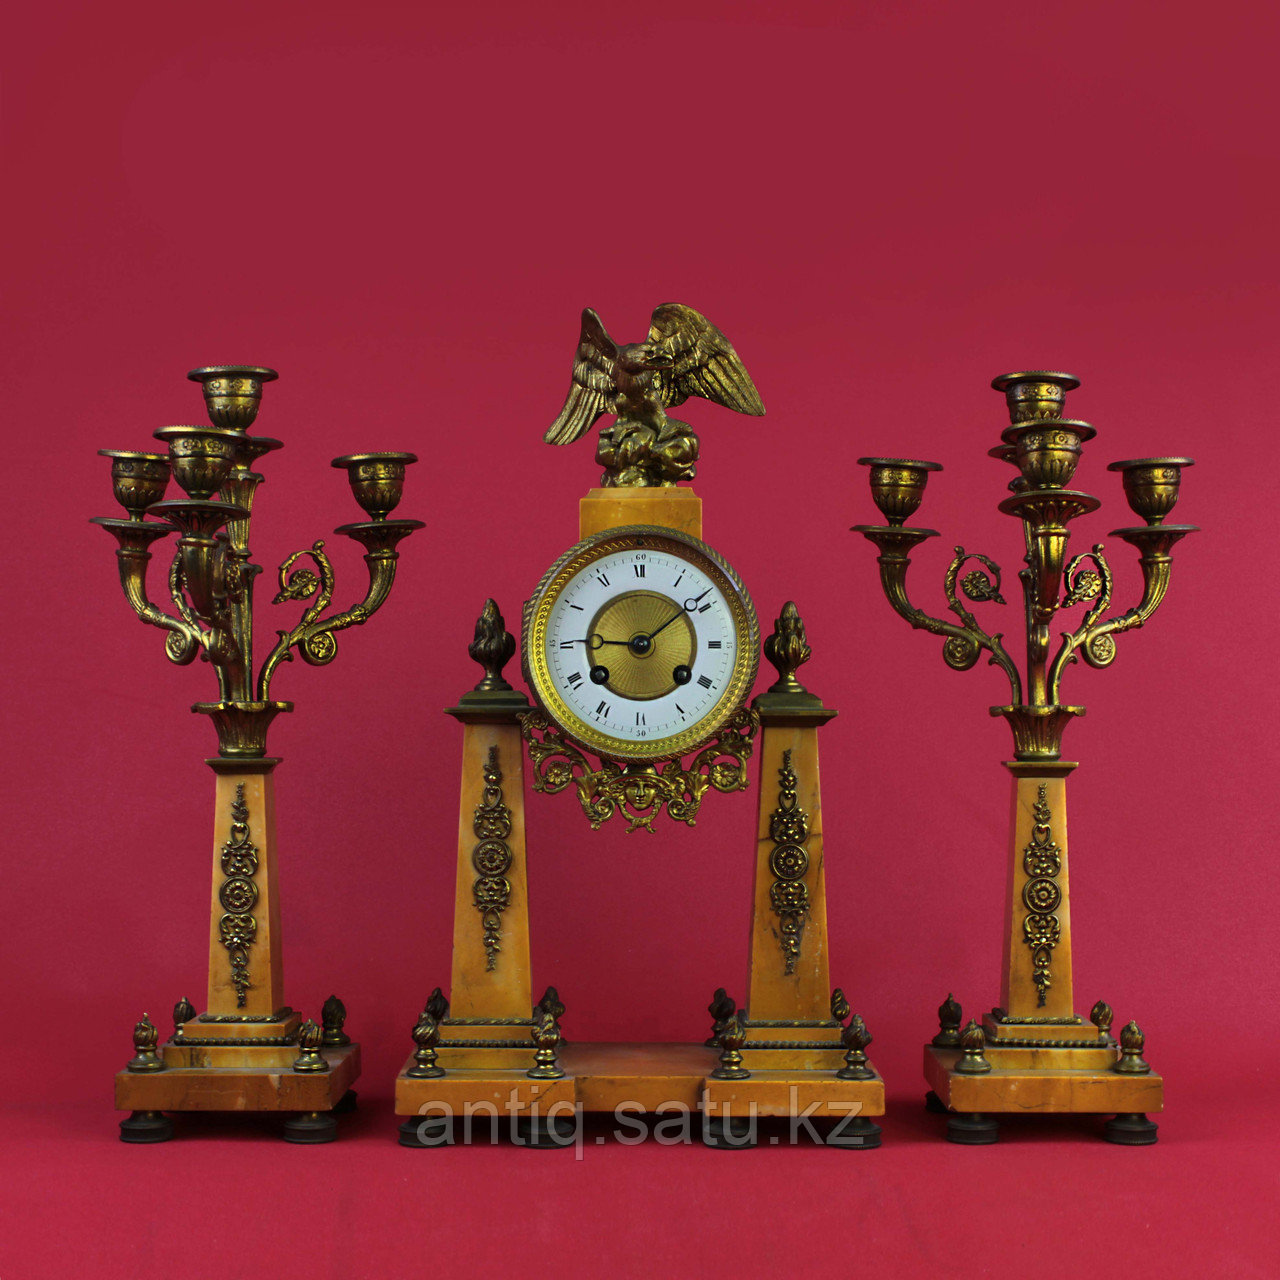 Часовой гарнитур в стиле Людовика XVI Франция. II половина XIX века - фото 1